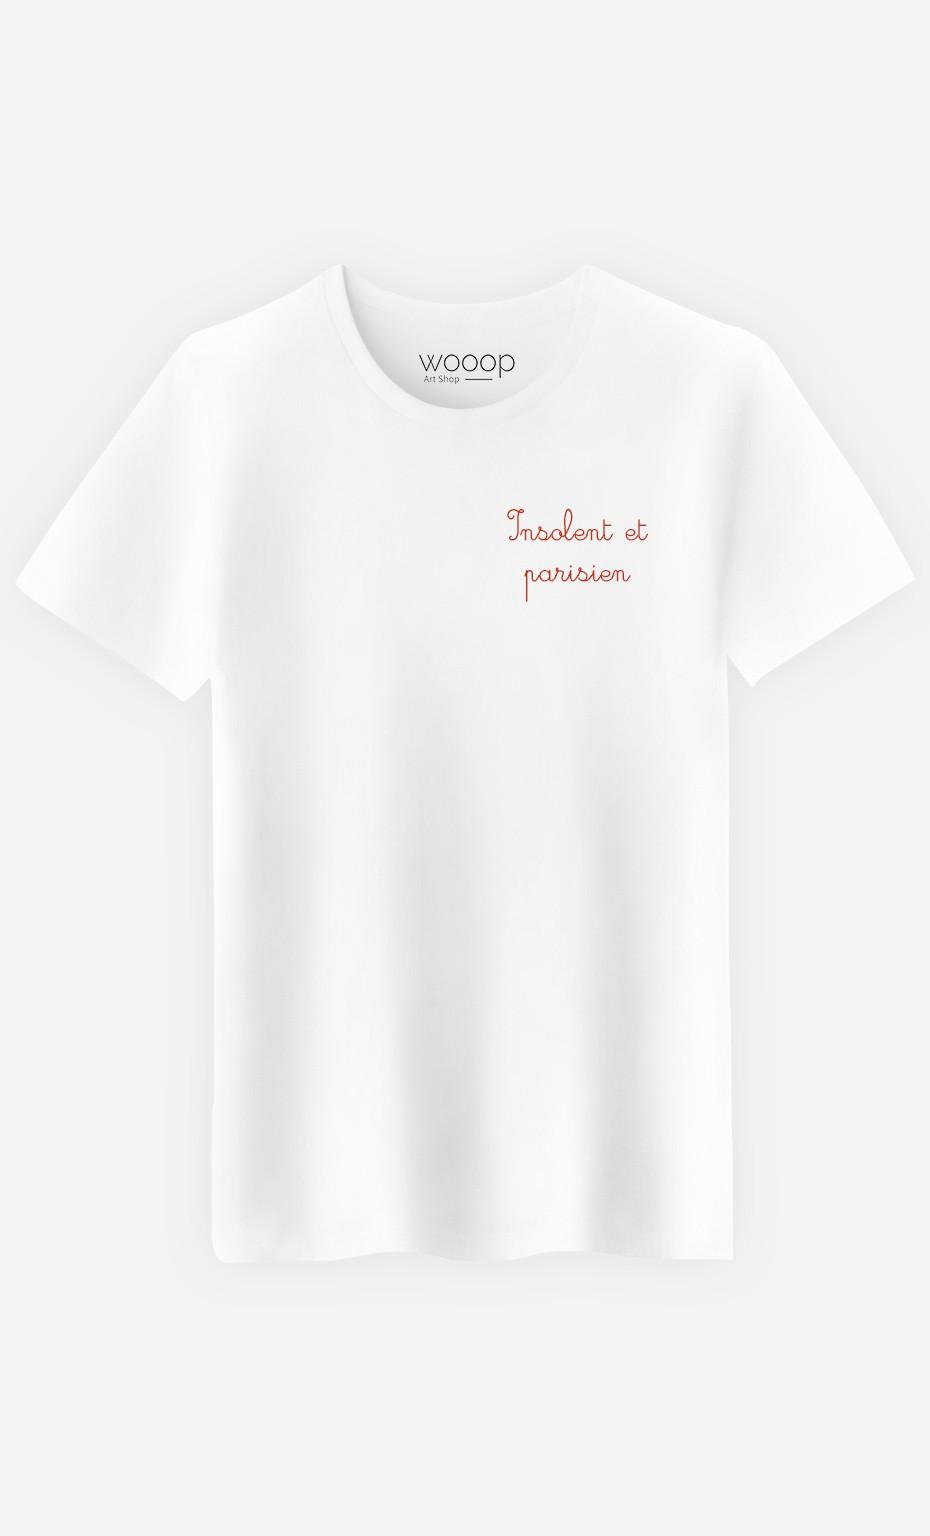 T-Shirt Insolent et Parisien - Brodé